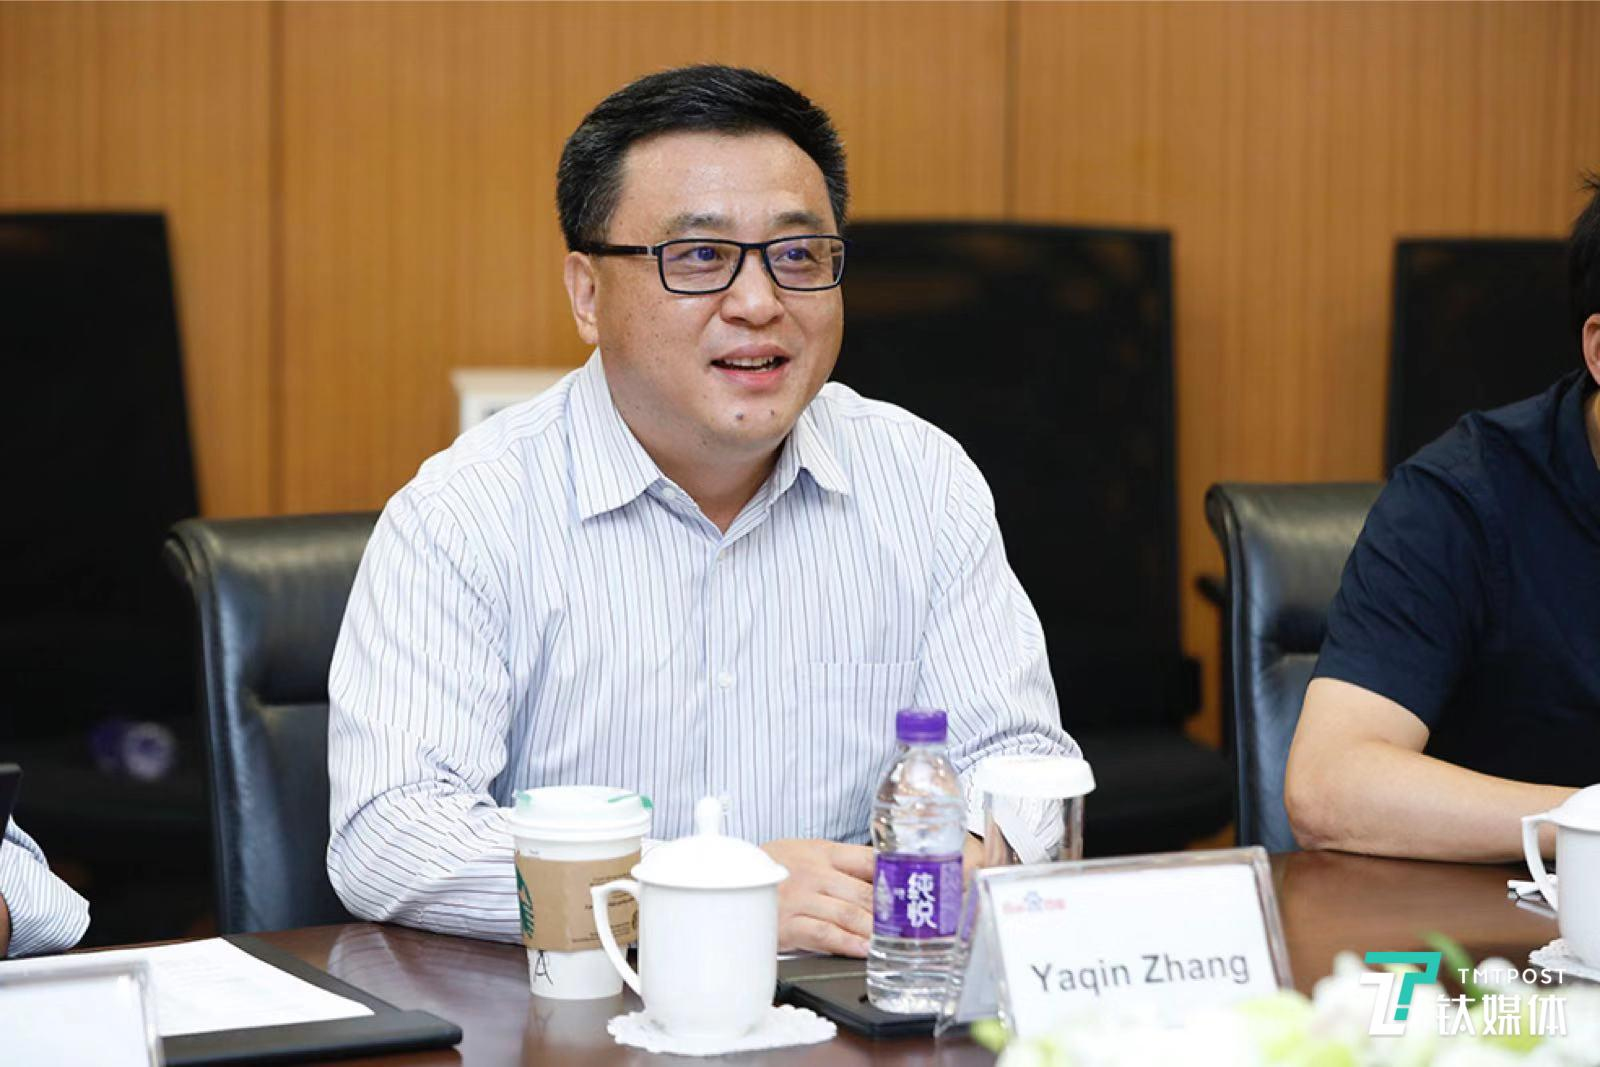 百度推出高管退休计划,张亚勤将于十月退休